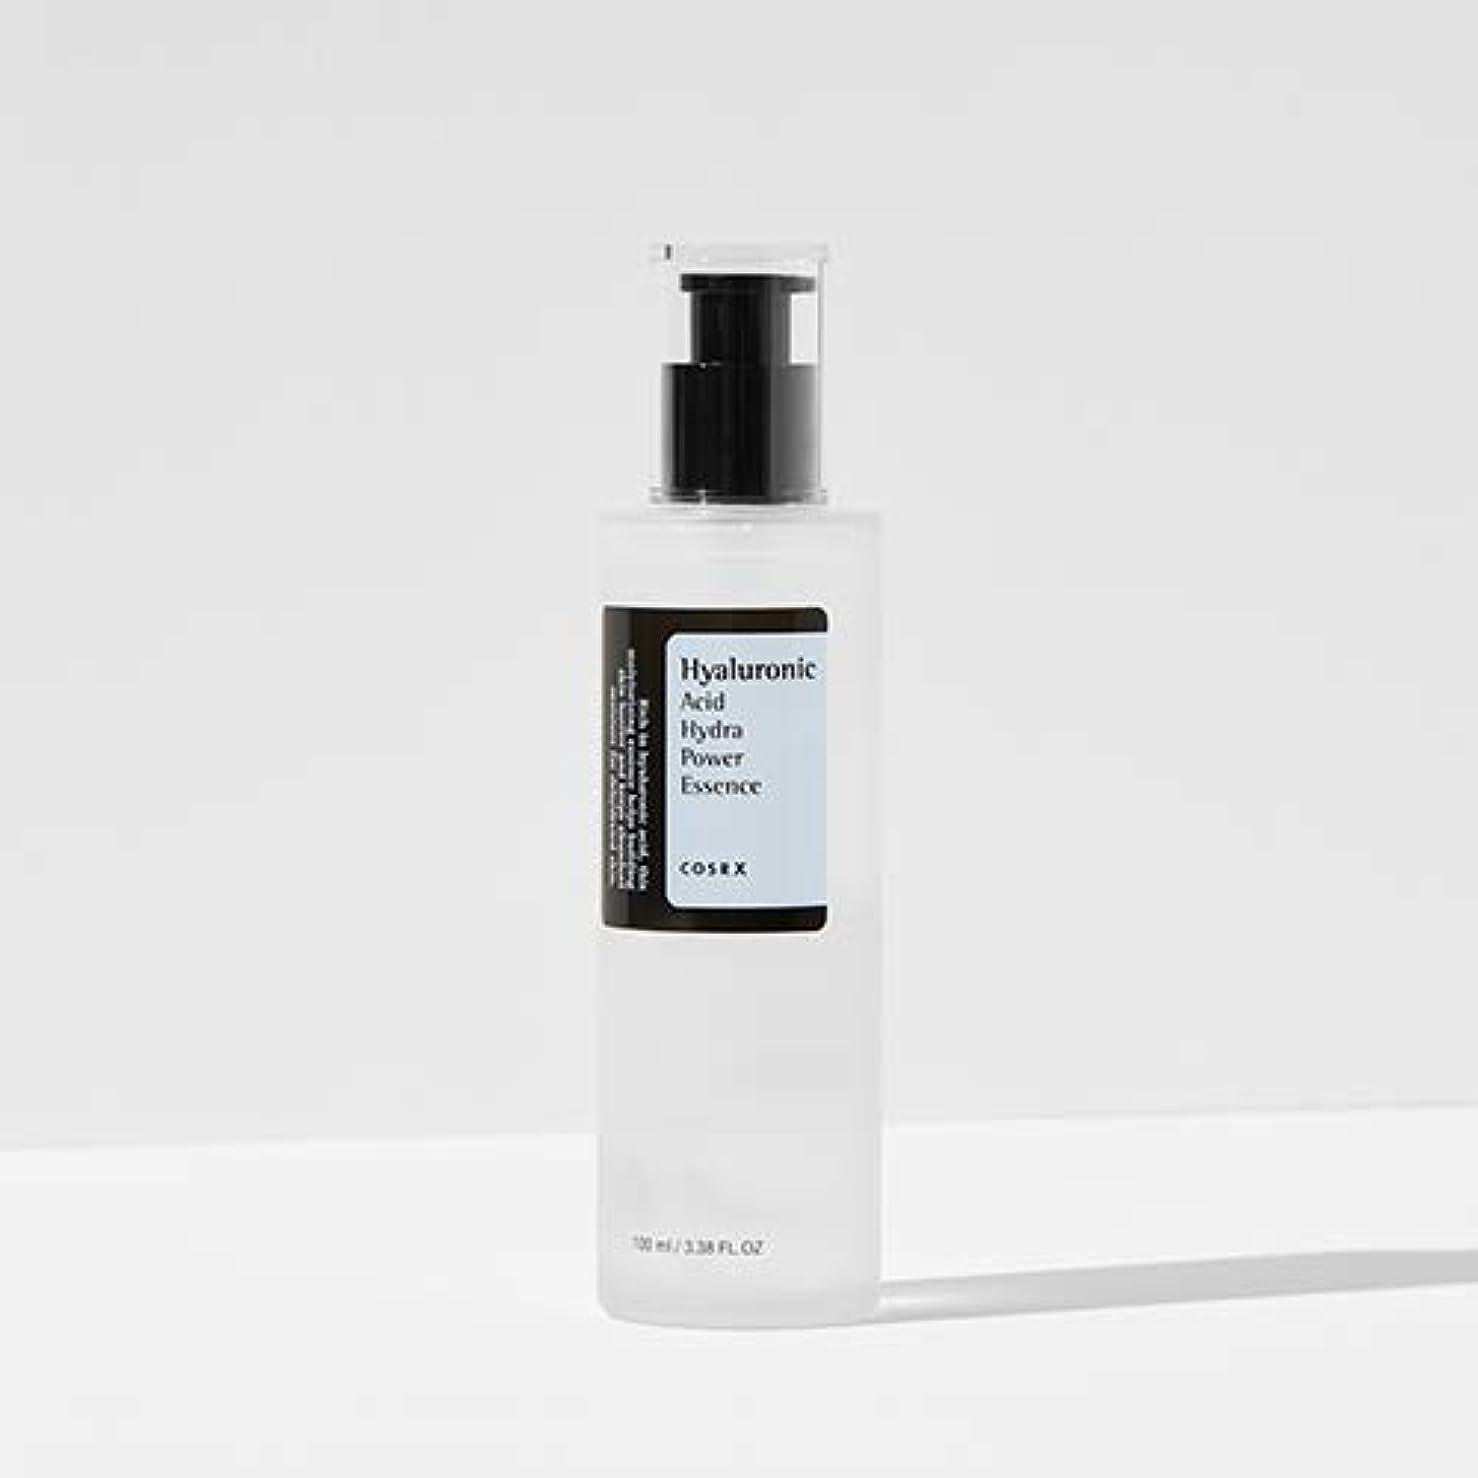 スリット溶ける研磨COSRX Hyaluronic Acid Hydra Power Essence 100ml/Korea Cosmetics